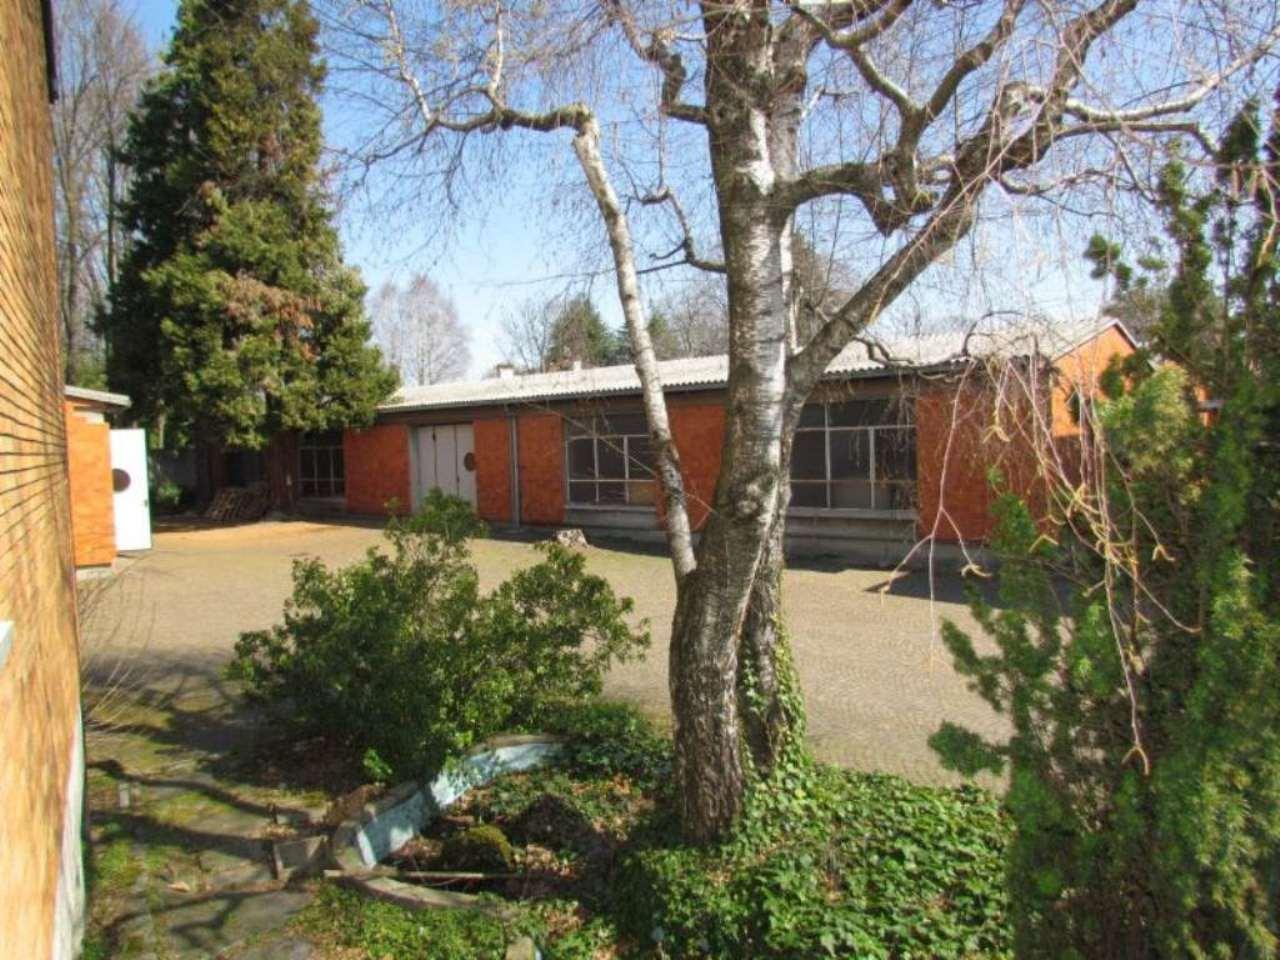 Laboratorio in vendita a Vedano Olona, 2 locali, prezzo € 380.000 | Cambio Casa.it